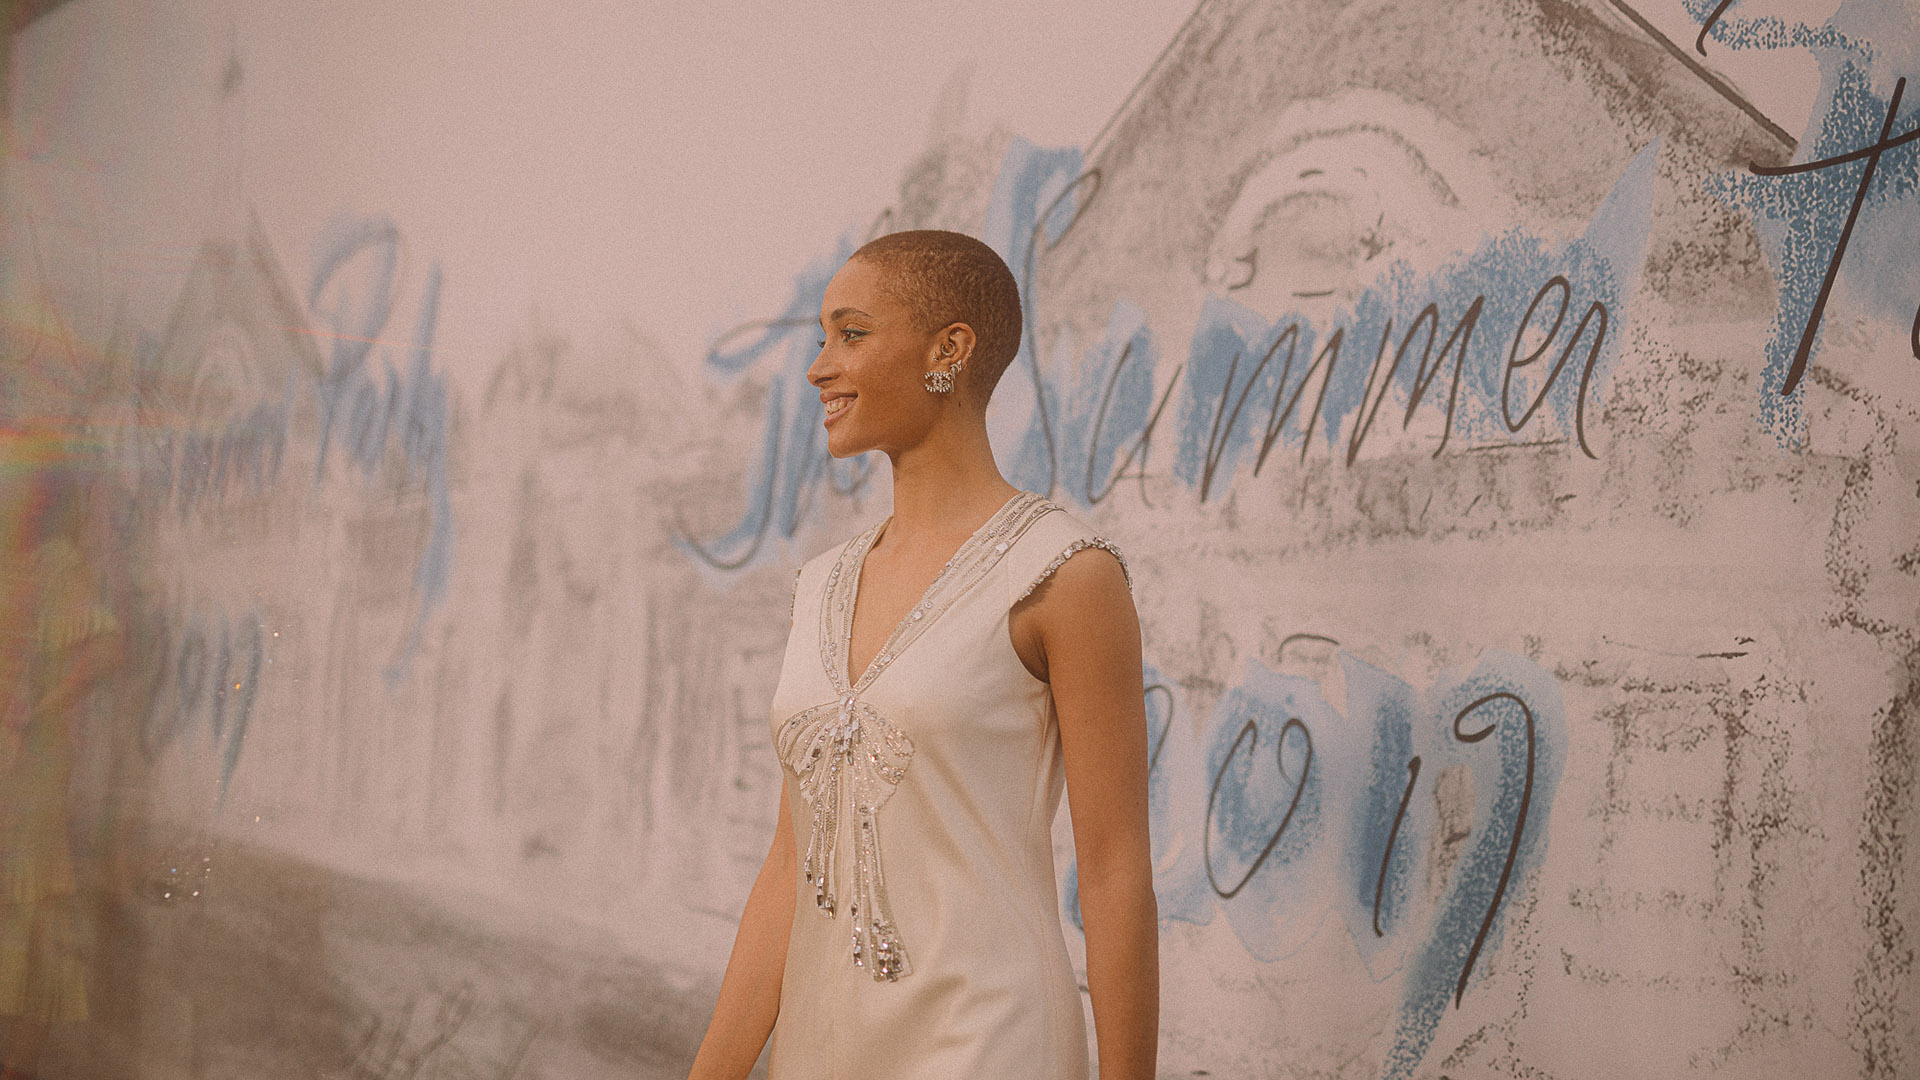 La modelo, Adwoa Aboah, fue una de las primeras en llegar a la fiesta, para festejarSerpentine Pavilion 2019 junto a Chanel